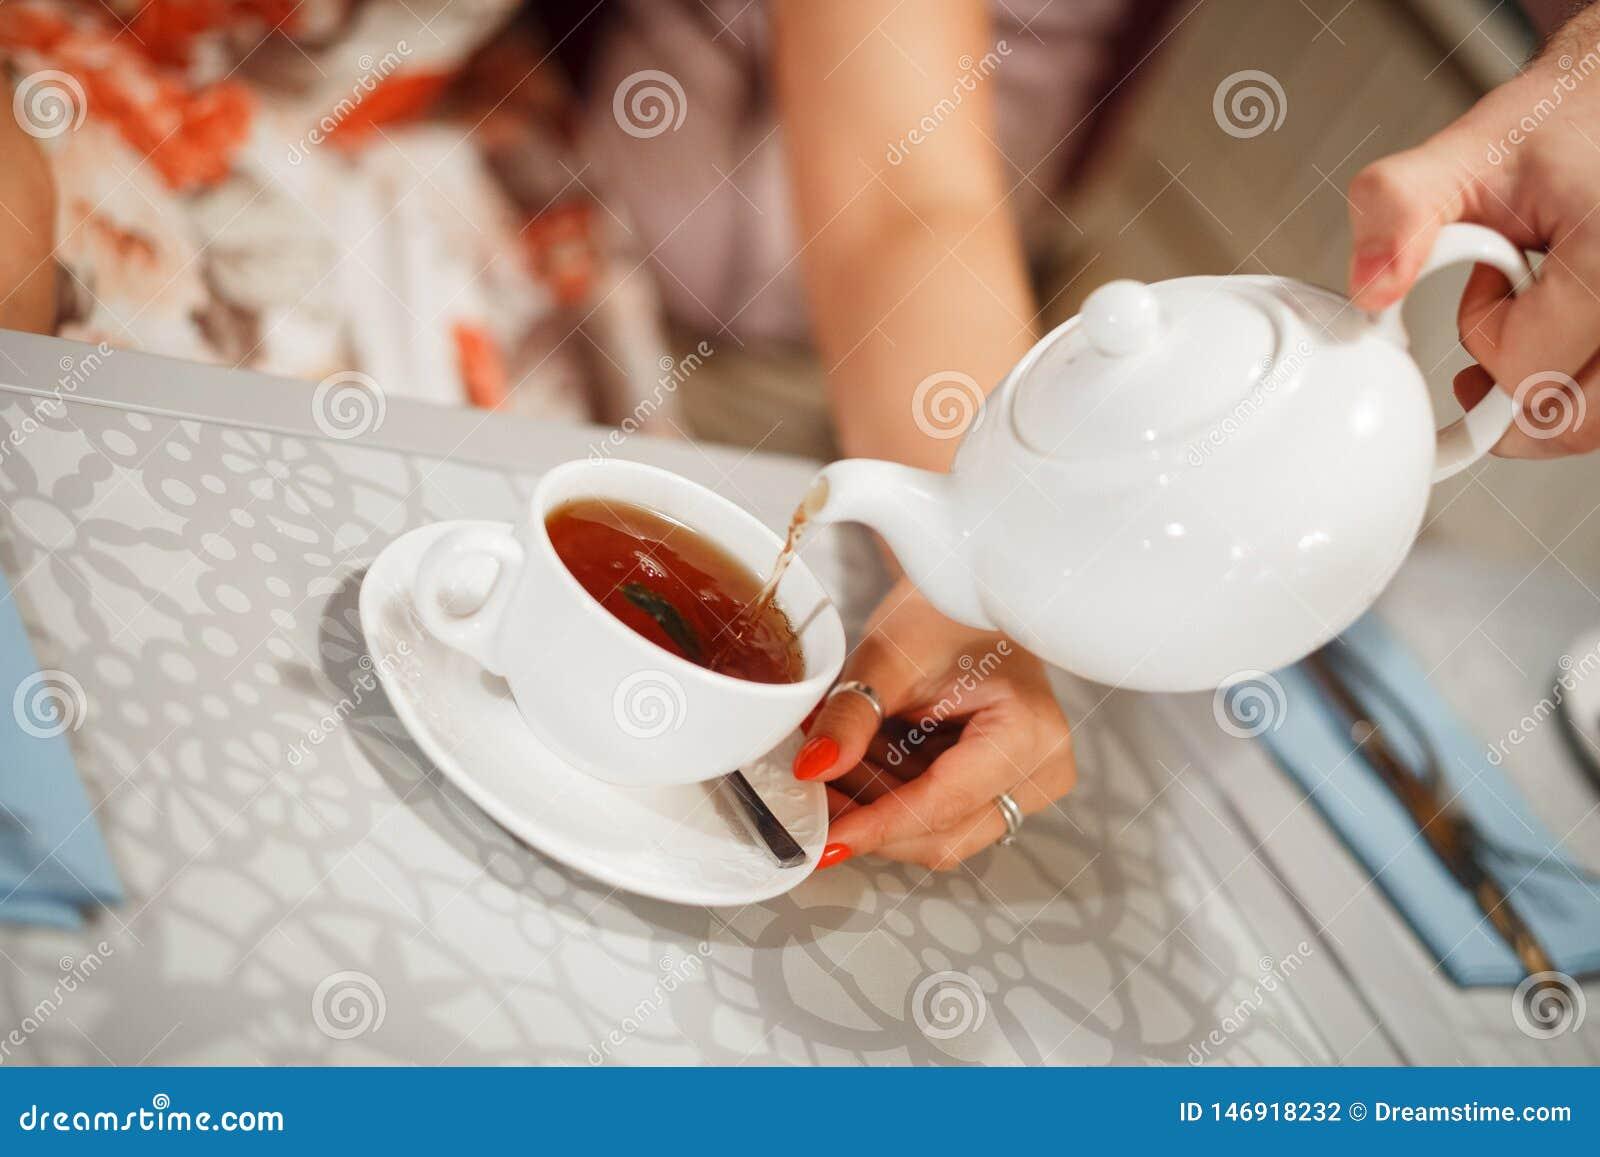 Gegossen in eine Tasse Tee